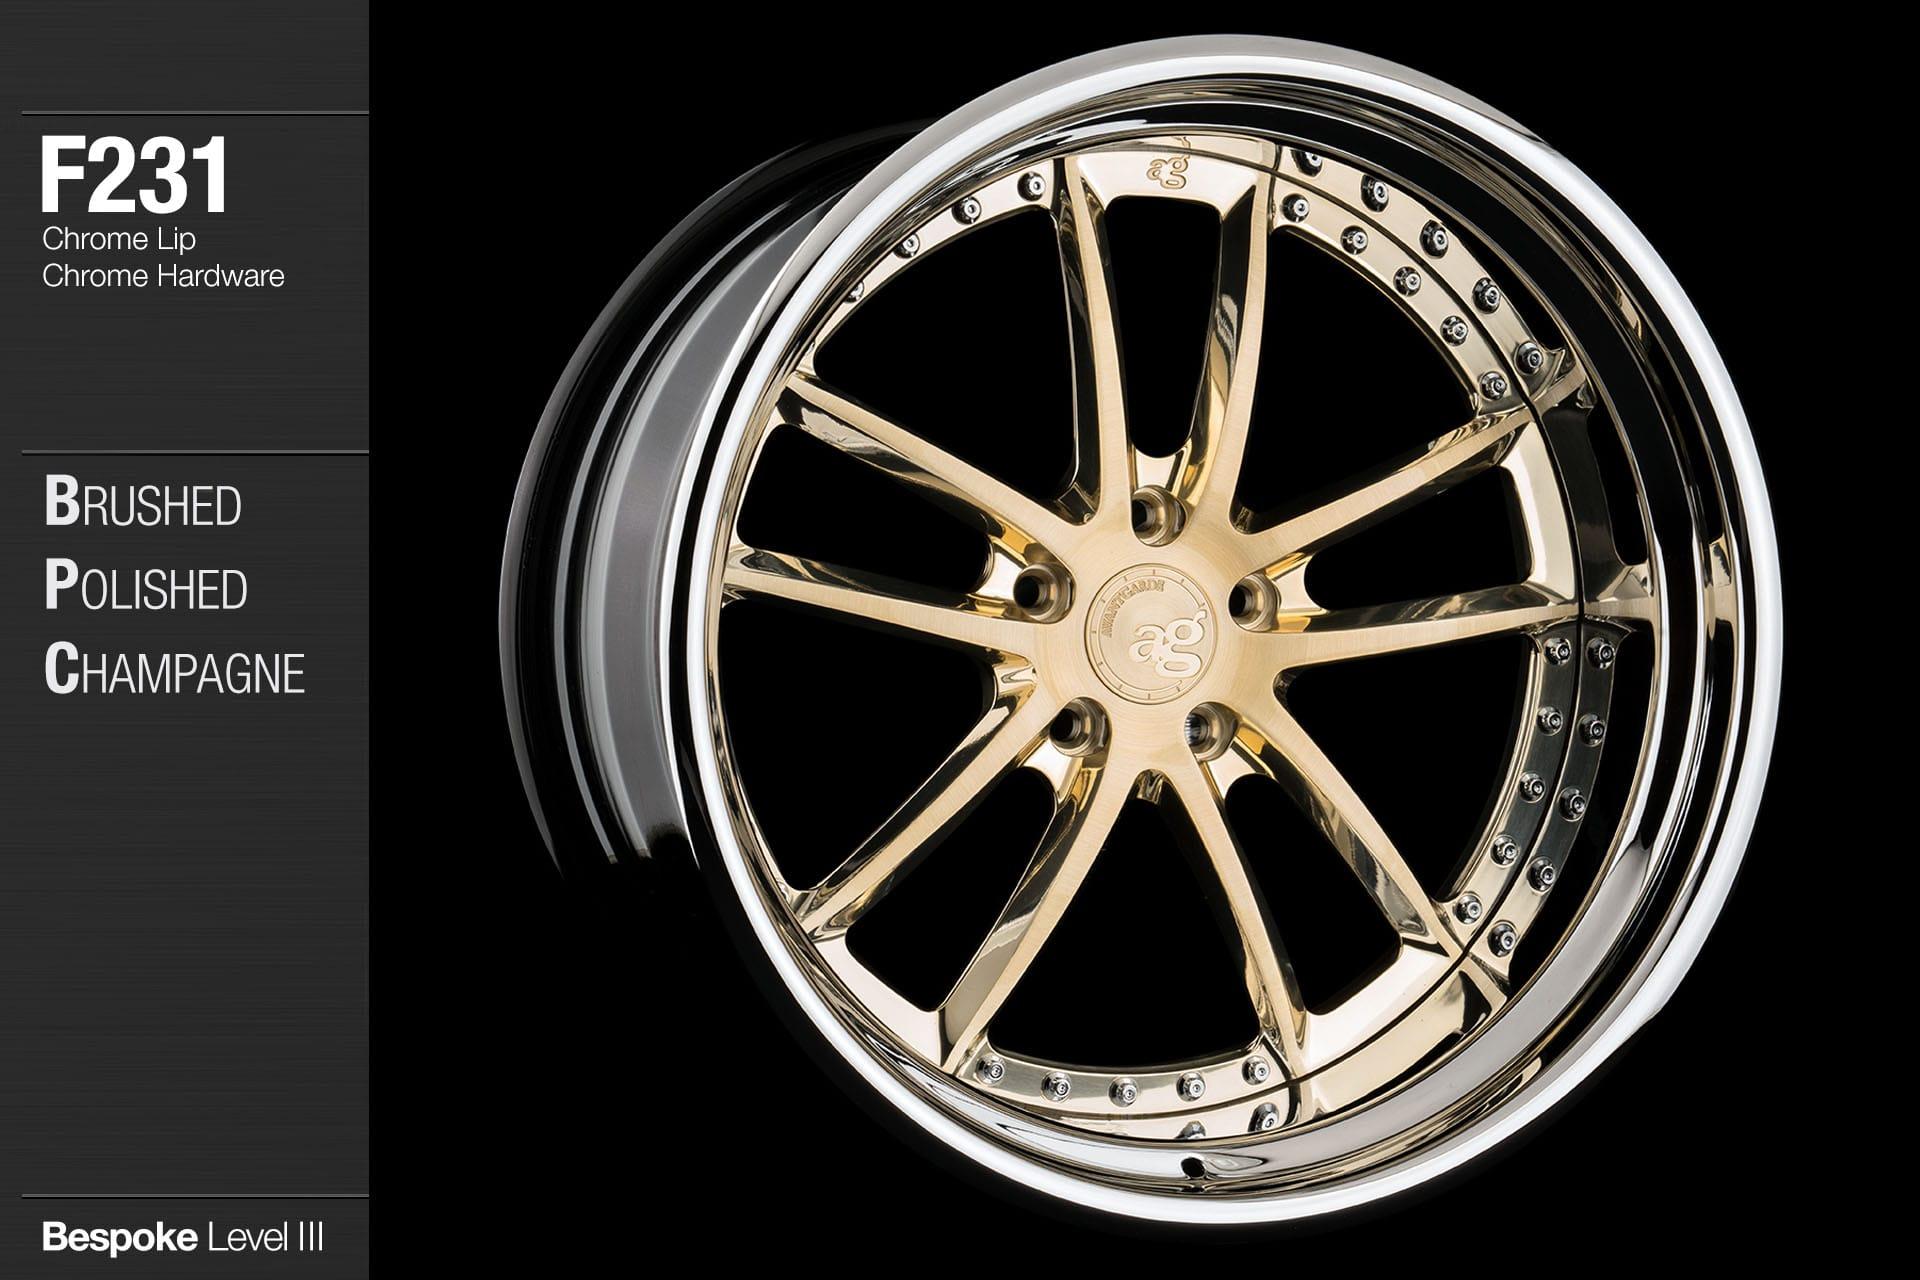 avant garde f231 brushed polished champagne chrome lip chrome hardware bespoke 3 piece wheels